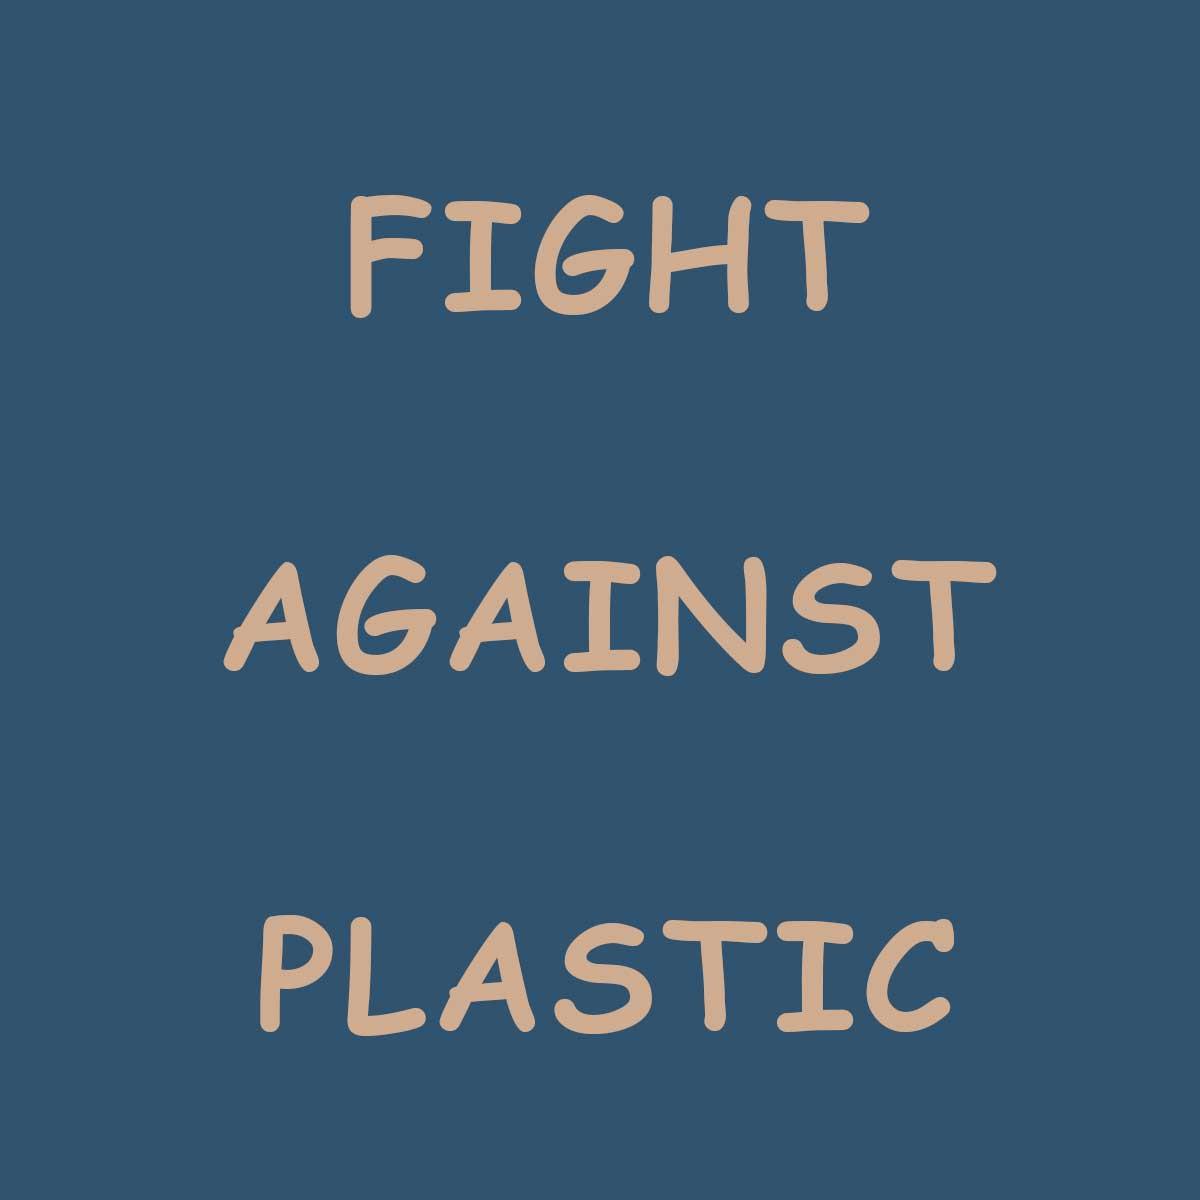 Fight against plastic